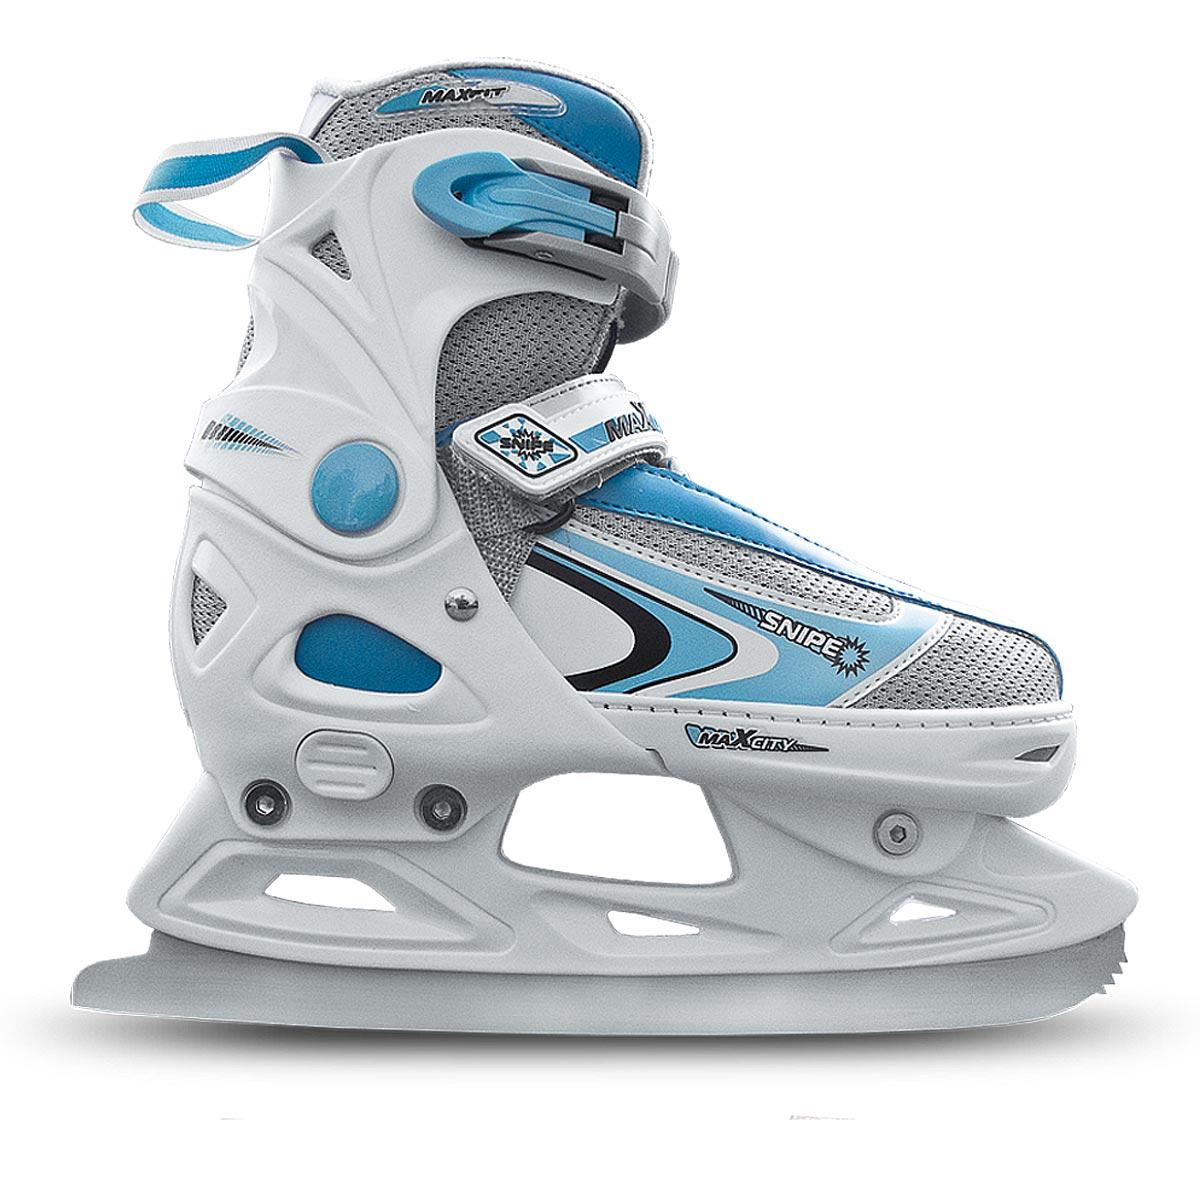 Коньки ледовые для девочки MaxCity Snipe Girl, раздвижные, цвет: белый, голубой. Размер 33/36ASE-611FОригинальные раздвижные ледовые коньки MaxCity с ударопрочной защитной конструкцией отлично подойдут для начинающих. Ботинки изготовлены из морозостойкого пластика, который защитит ноги от ударов, и дополнены нейлоном. Внутренний материал из вельвета и капровелюра отлично согревает и обеспечивает комфорт во время движения. Нейлоновые вставки на язычке предотвращают перегревание и отводят влагу. Высокий ботинок обеспечивает отличную поддержку ноги. Модель застегивается несколькими способами для надежной фиксации ноги - классическая шнуровка, липучка Velcro и пластиковые затягивающиеся ремешки. Стальное лезвие обеспечит превосходное скольжение. Основная особенность коньков - возможность изменения размера. Изменение длины ботинка осуществляется достаточно просто и занимает несколько секунд.